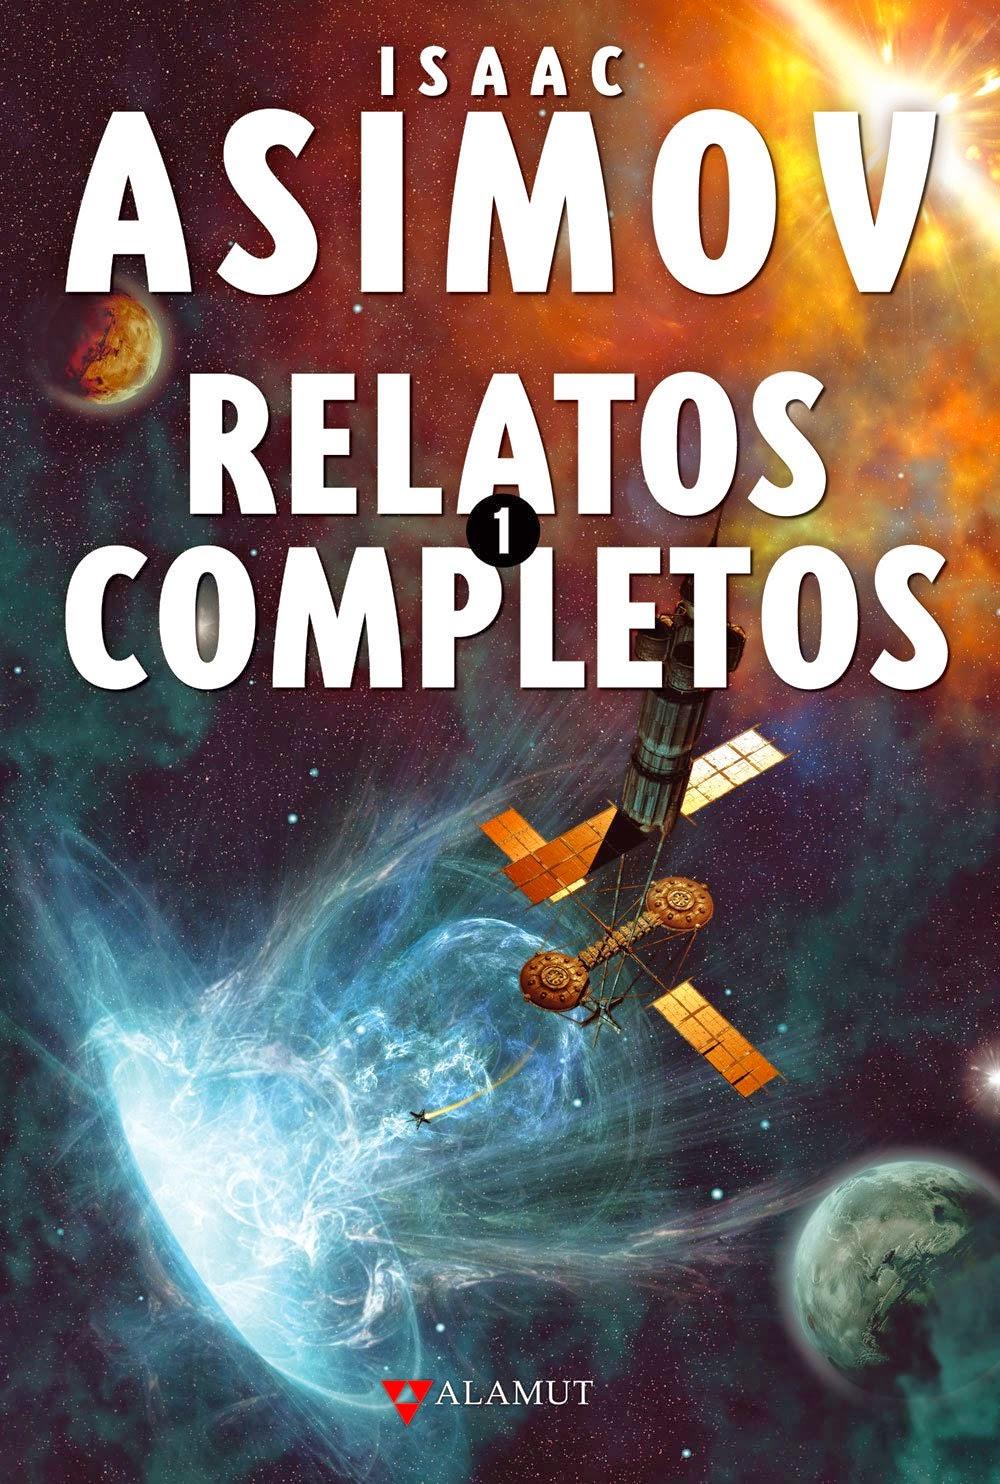 Los relatos de Asimov son simplemente geniales